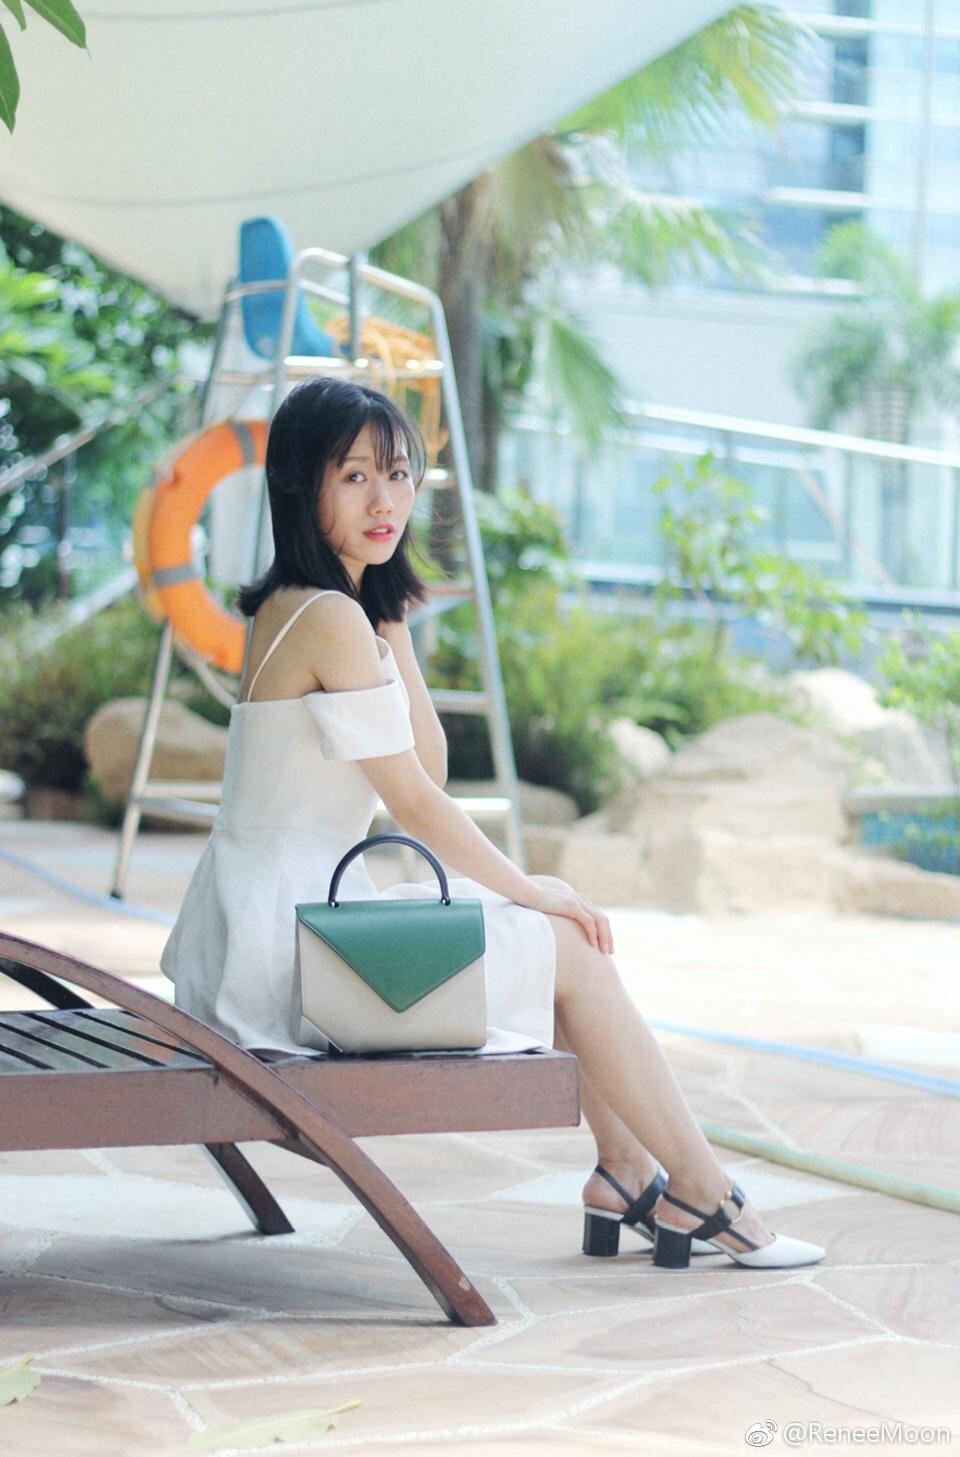 白色、露肩、设计感,构成了今年夏天最爱穿的一条小白裙👗 搭配中跟鞋,优雅的同时也非常好走,特别适合约会;包包的设计特别喜欢,有点小小撞色但又不会太夸张,好像一抹树叶落在夏日白裙上。 #火遍全网的连衣裙,劝你早点买!#